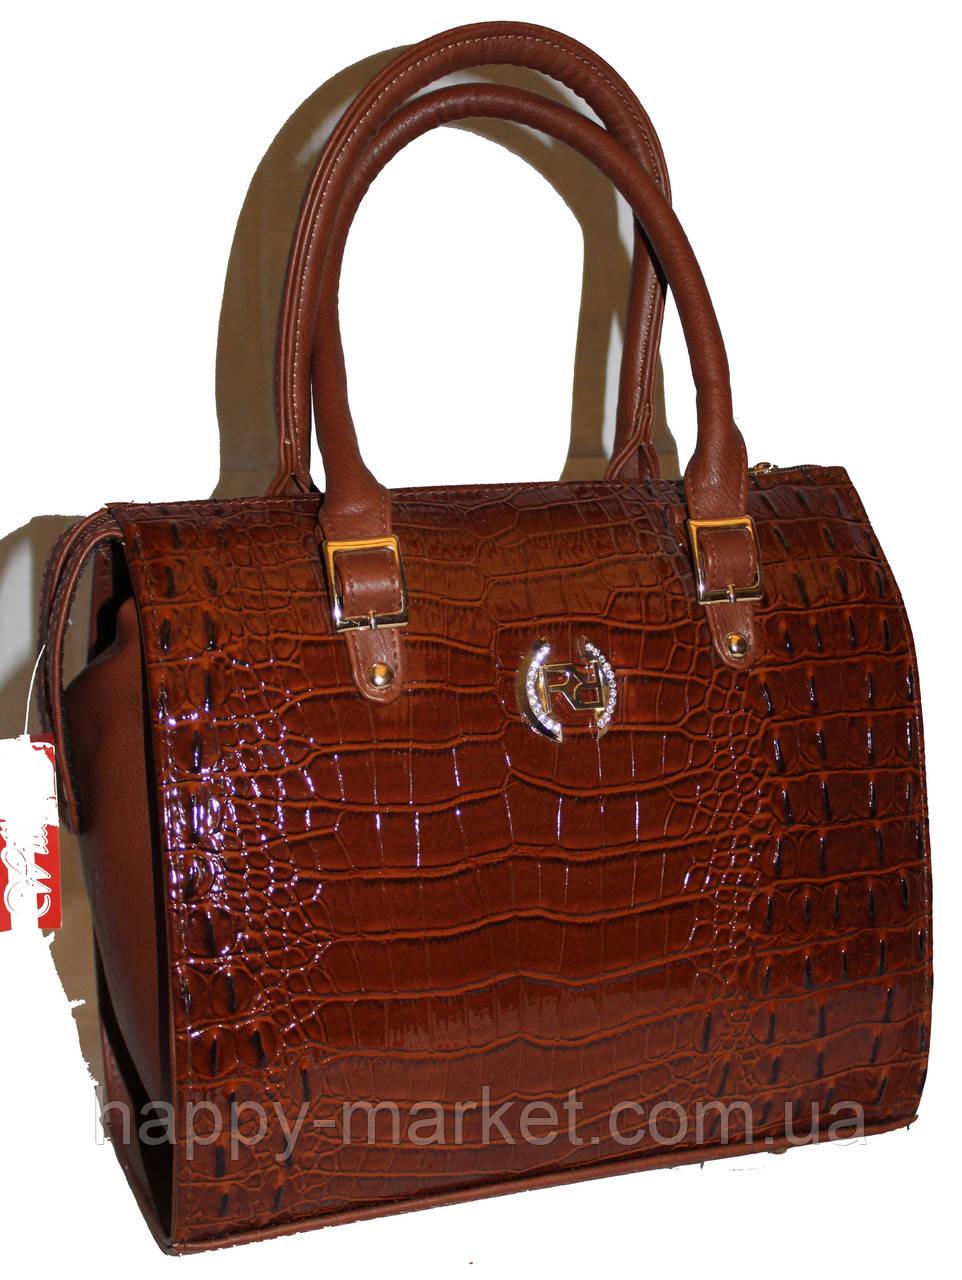 Сумка женская классическая Fashion  55301-5 коричневая